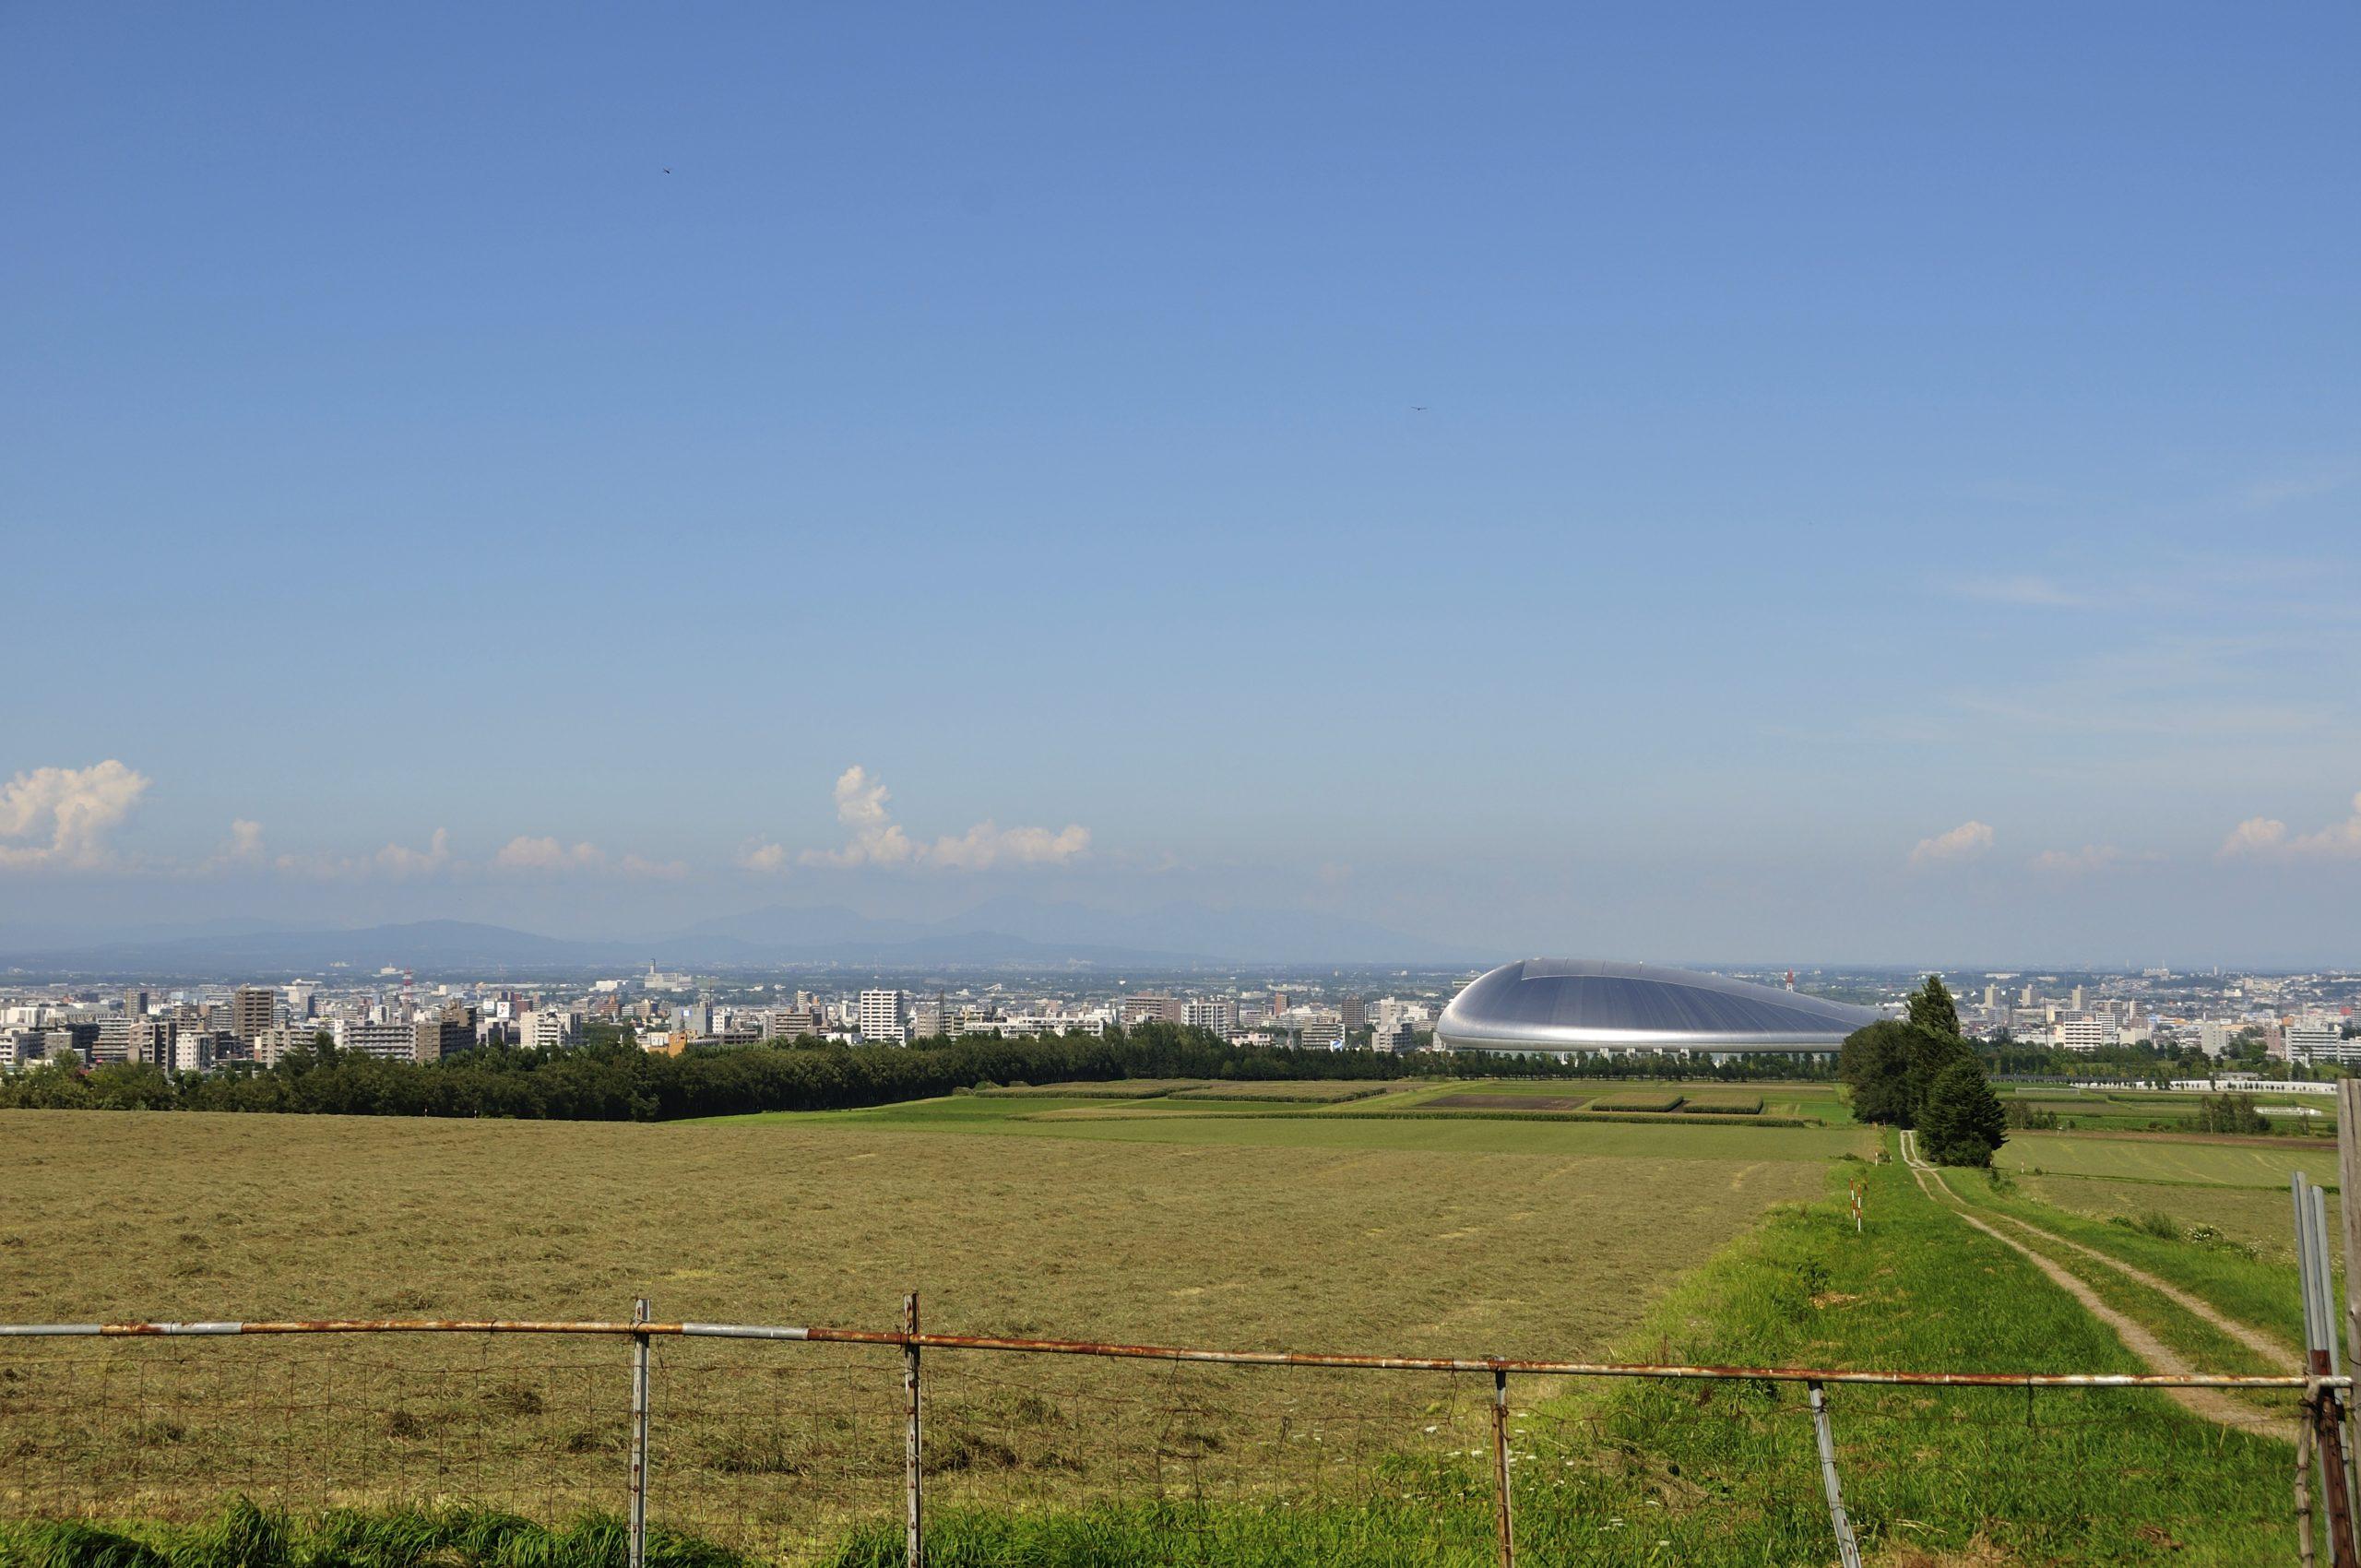 札幌市豊平区のライブカメラ一覧